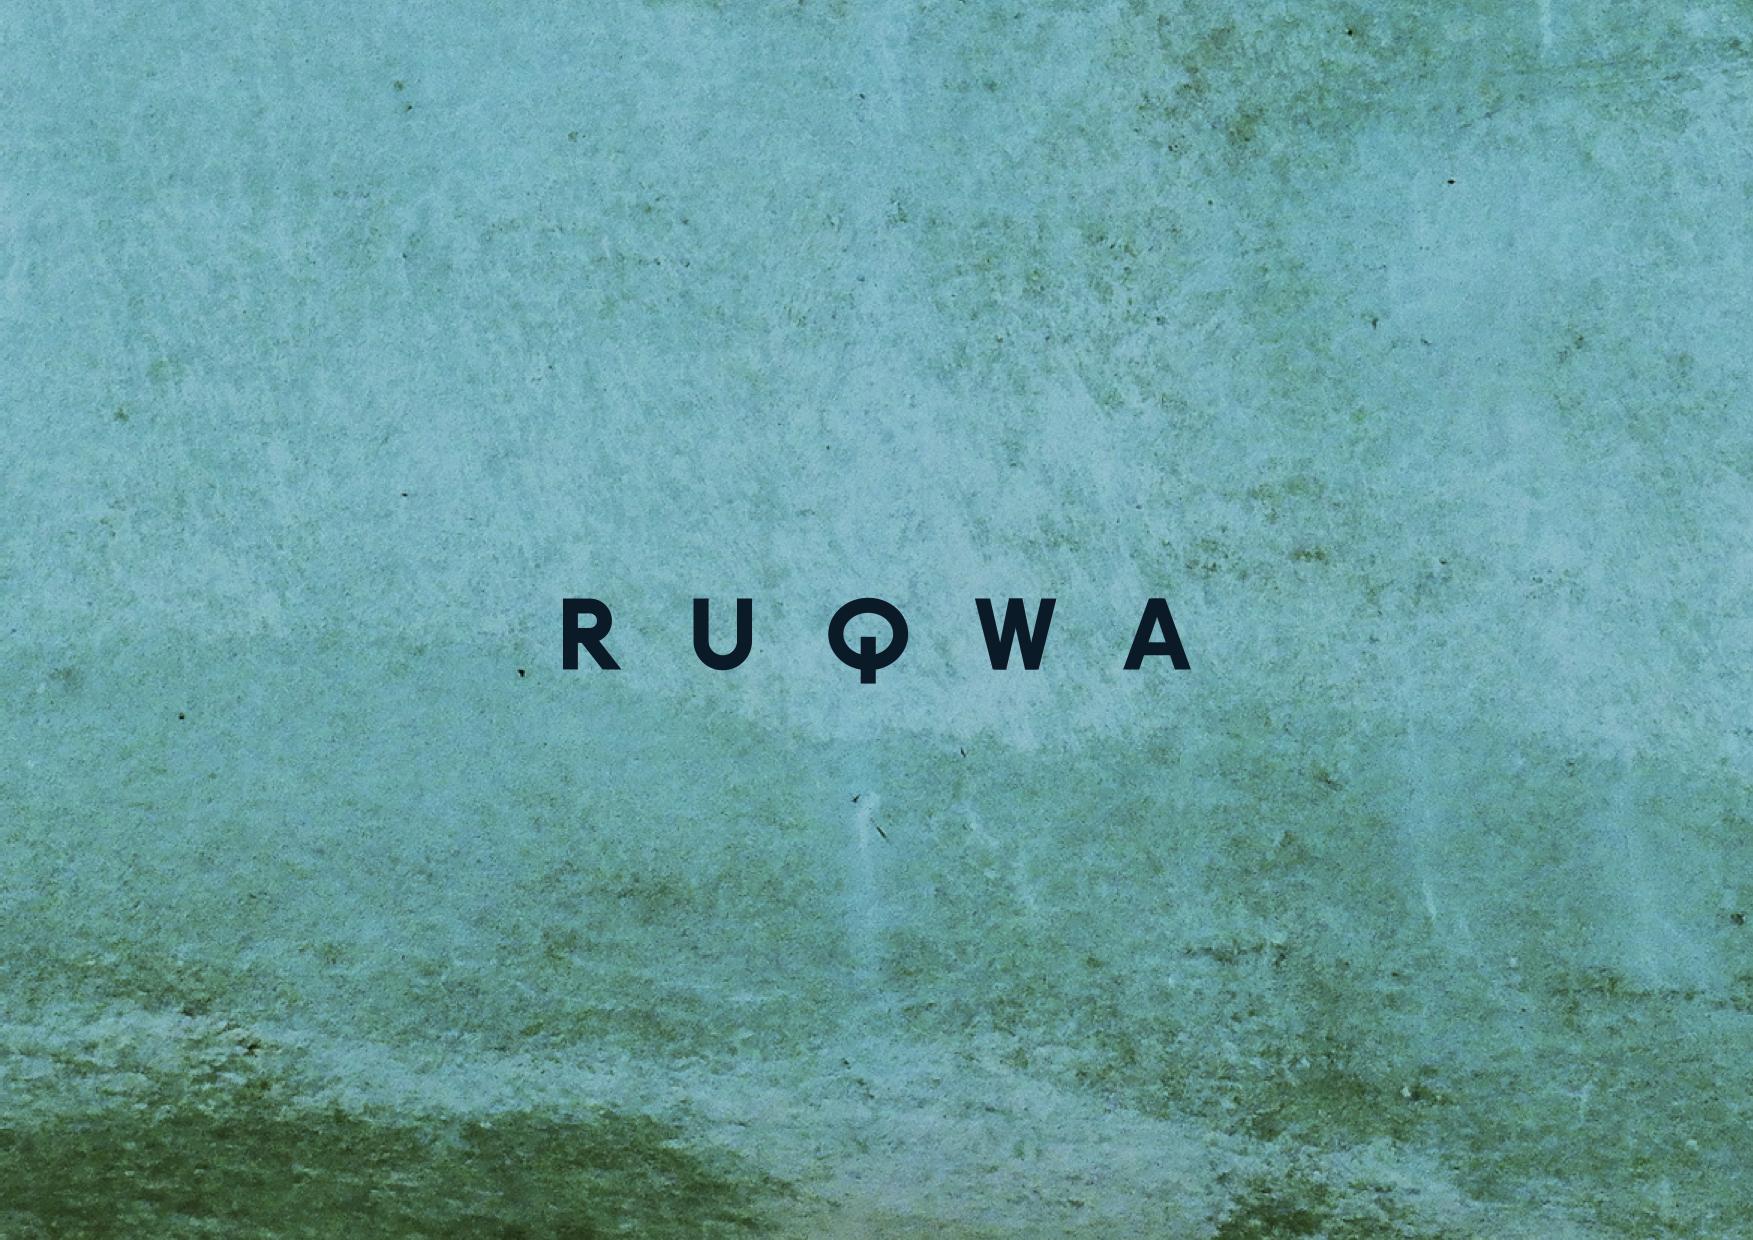 ruqwa_logo_0916_5.jpg